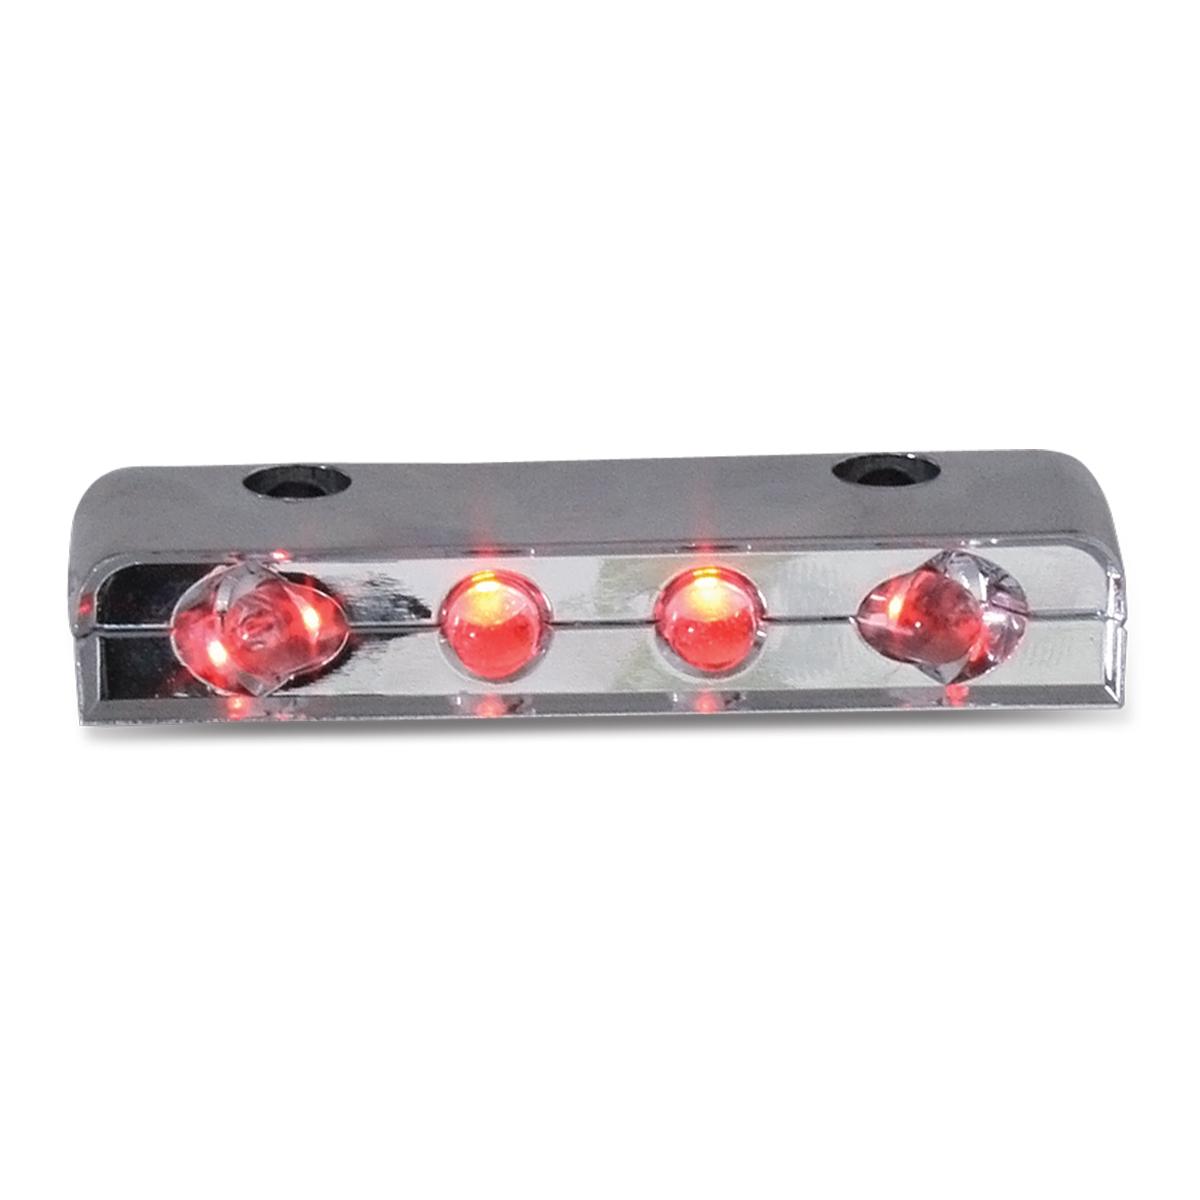 77104 Red 4 LED Step Light